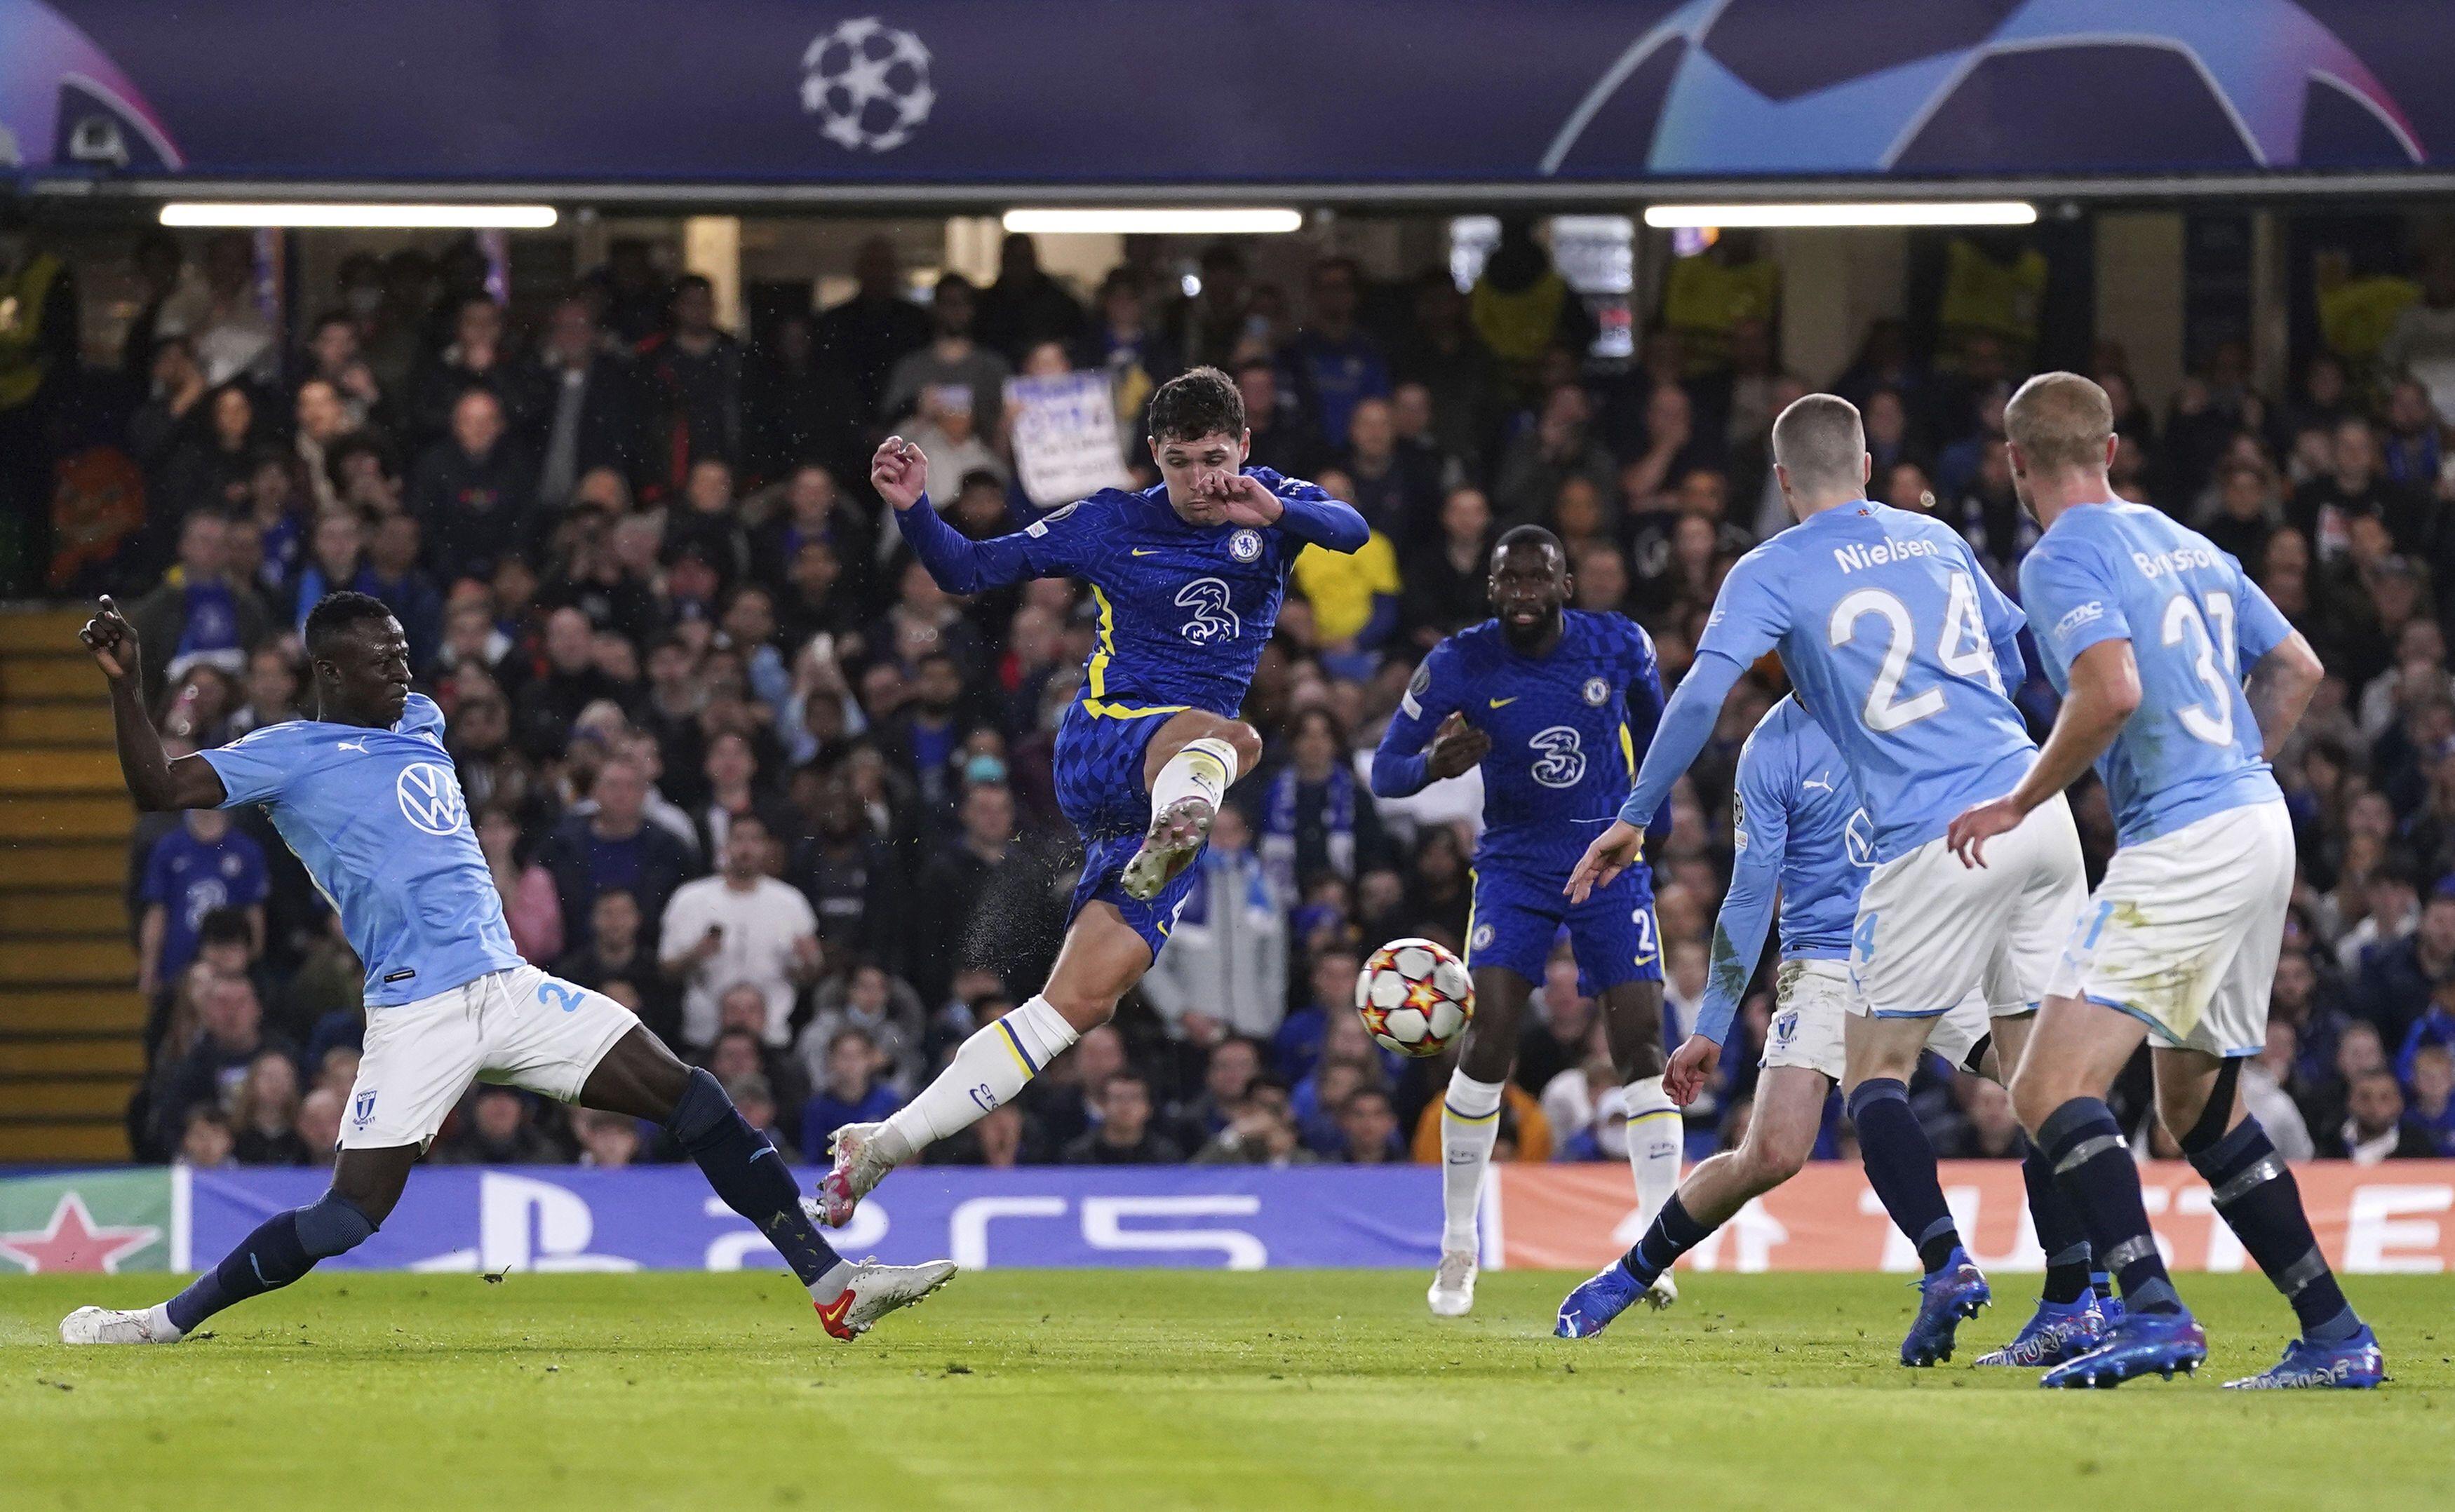 ligas europeas evaluan cambios propuestos para la champions